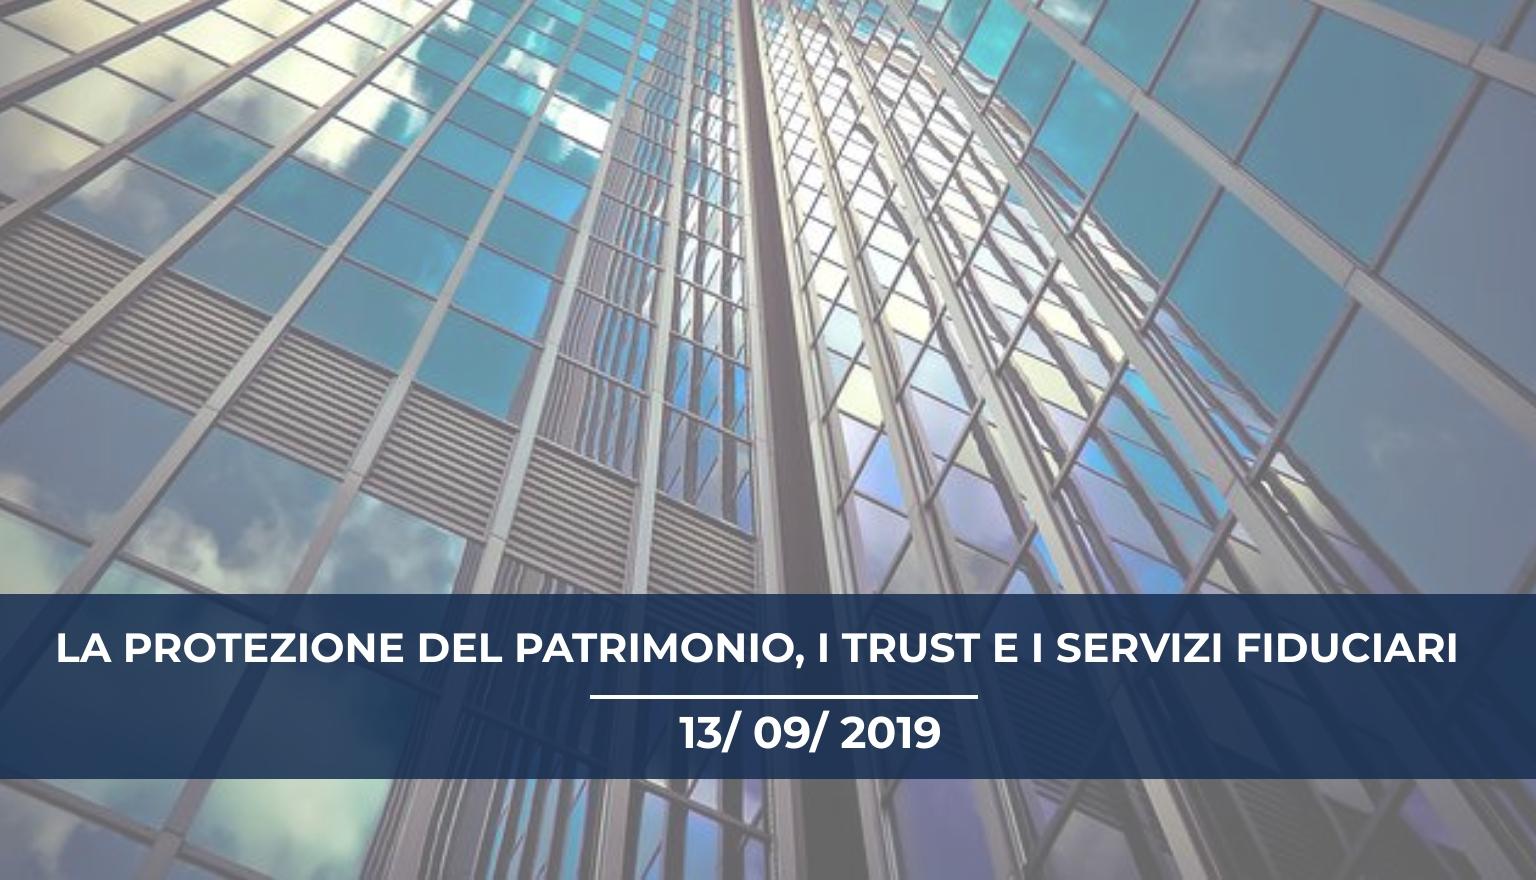 Convegno formativo Forlì:  La protezione del patrimonio,  i Trust e i servizi fiduciari